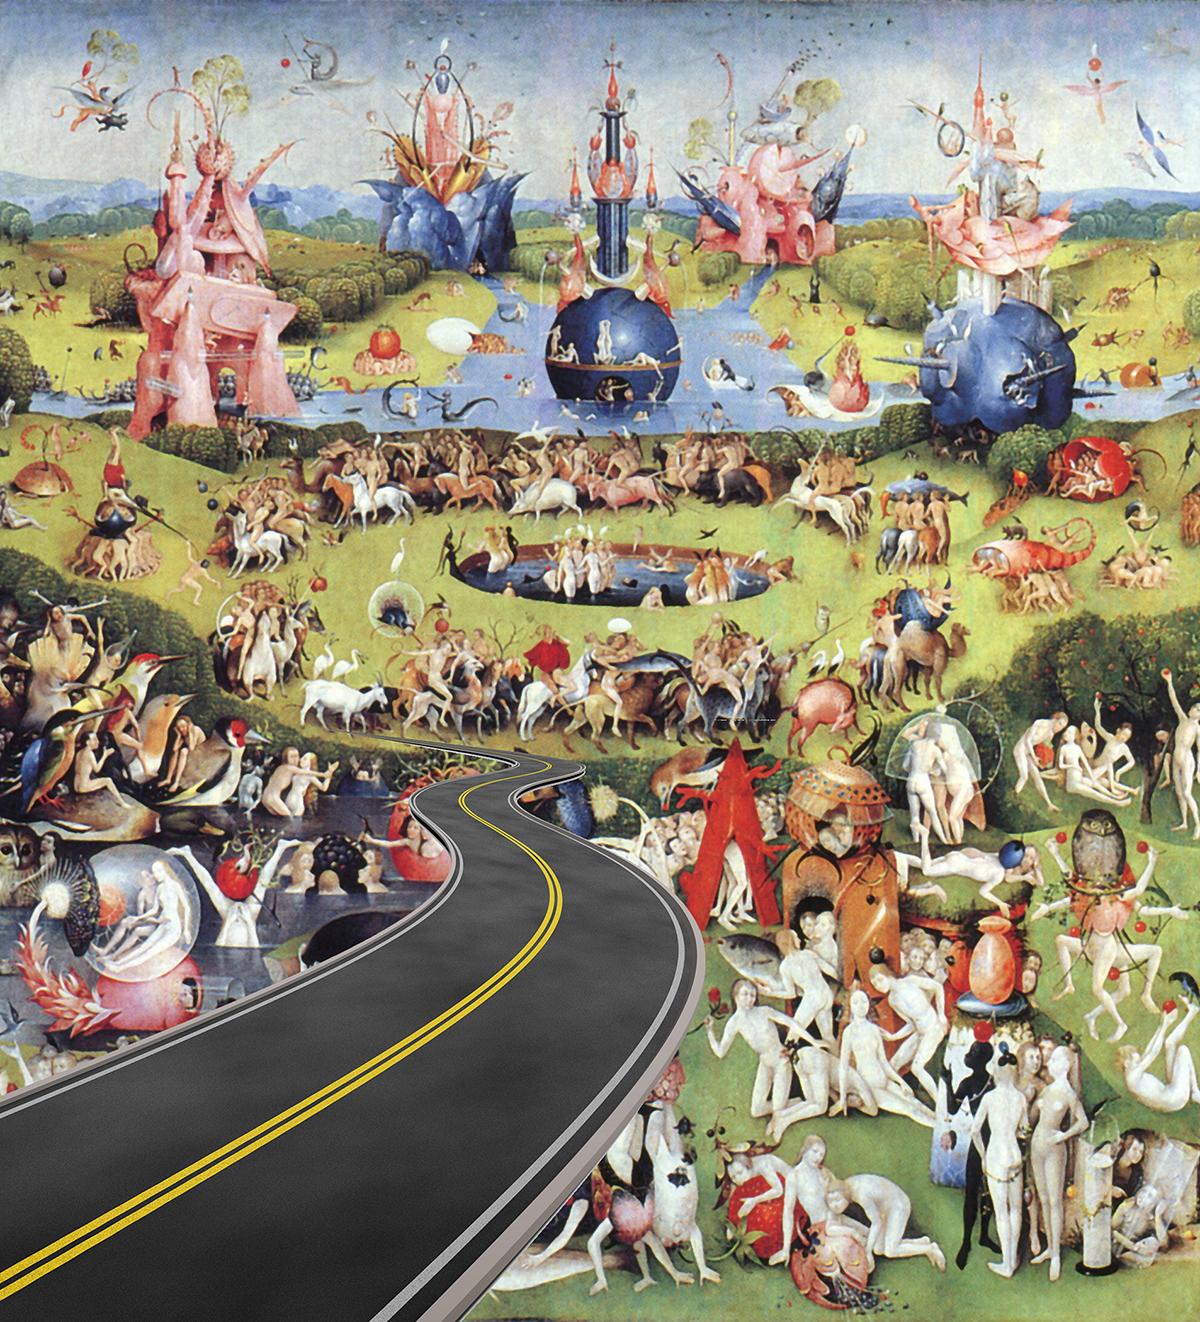 Babu Eshwar Prasad | The Highway (After Bosch) | 5.6 x 5.3 inches | Digital Print | 2015